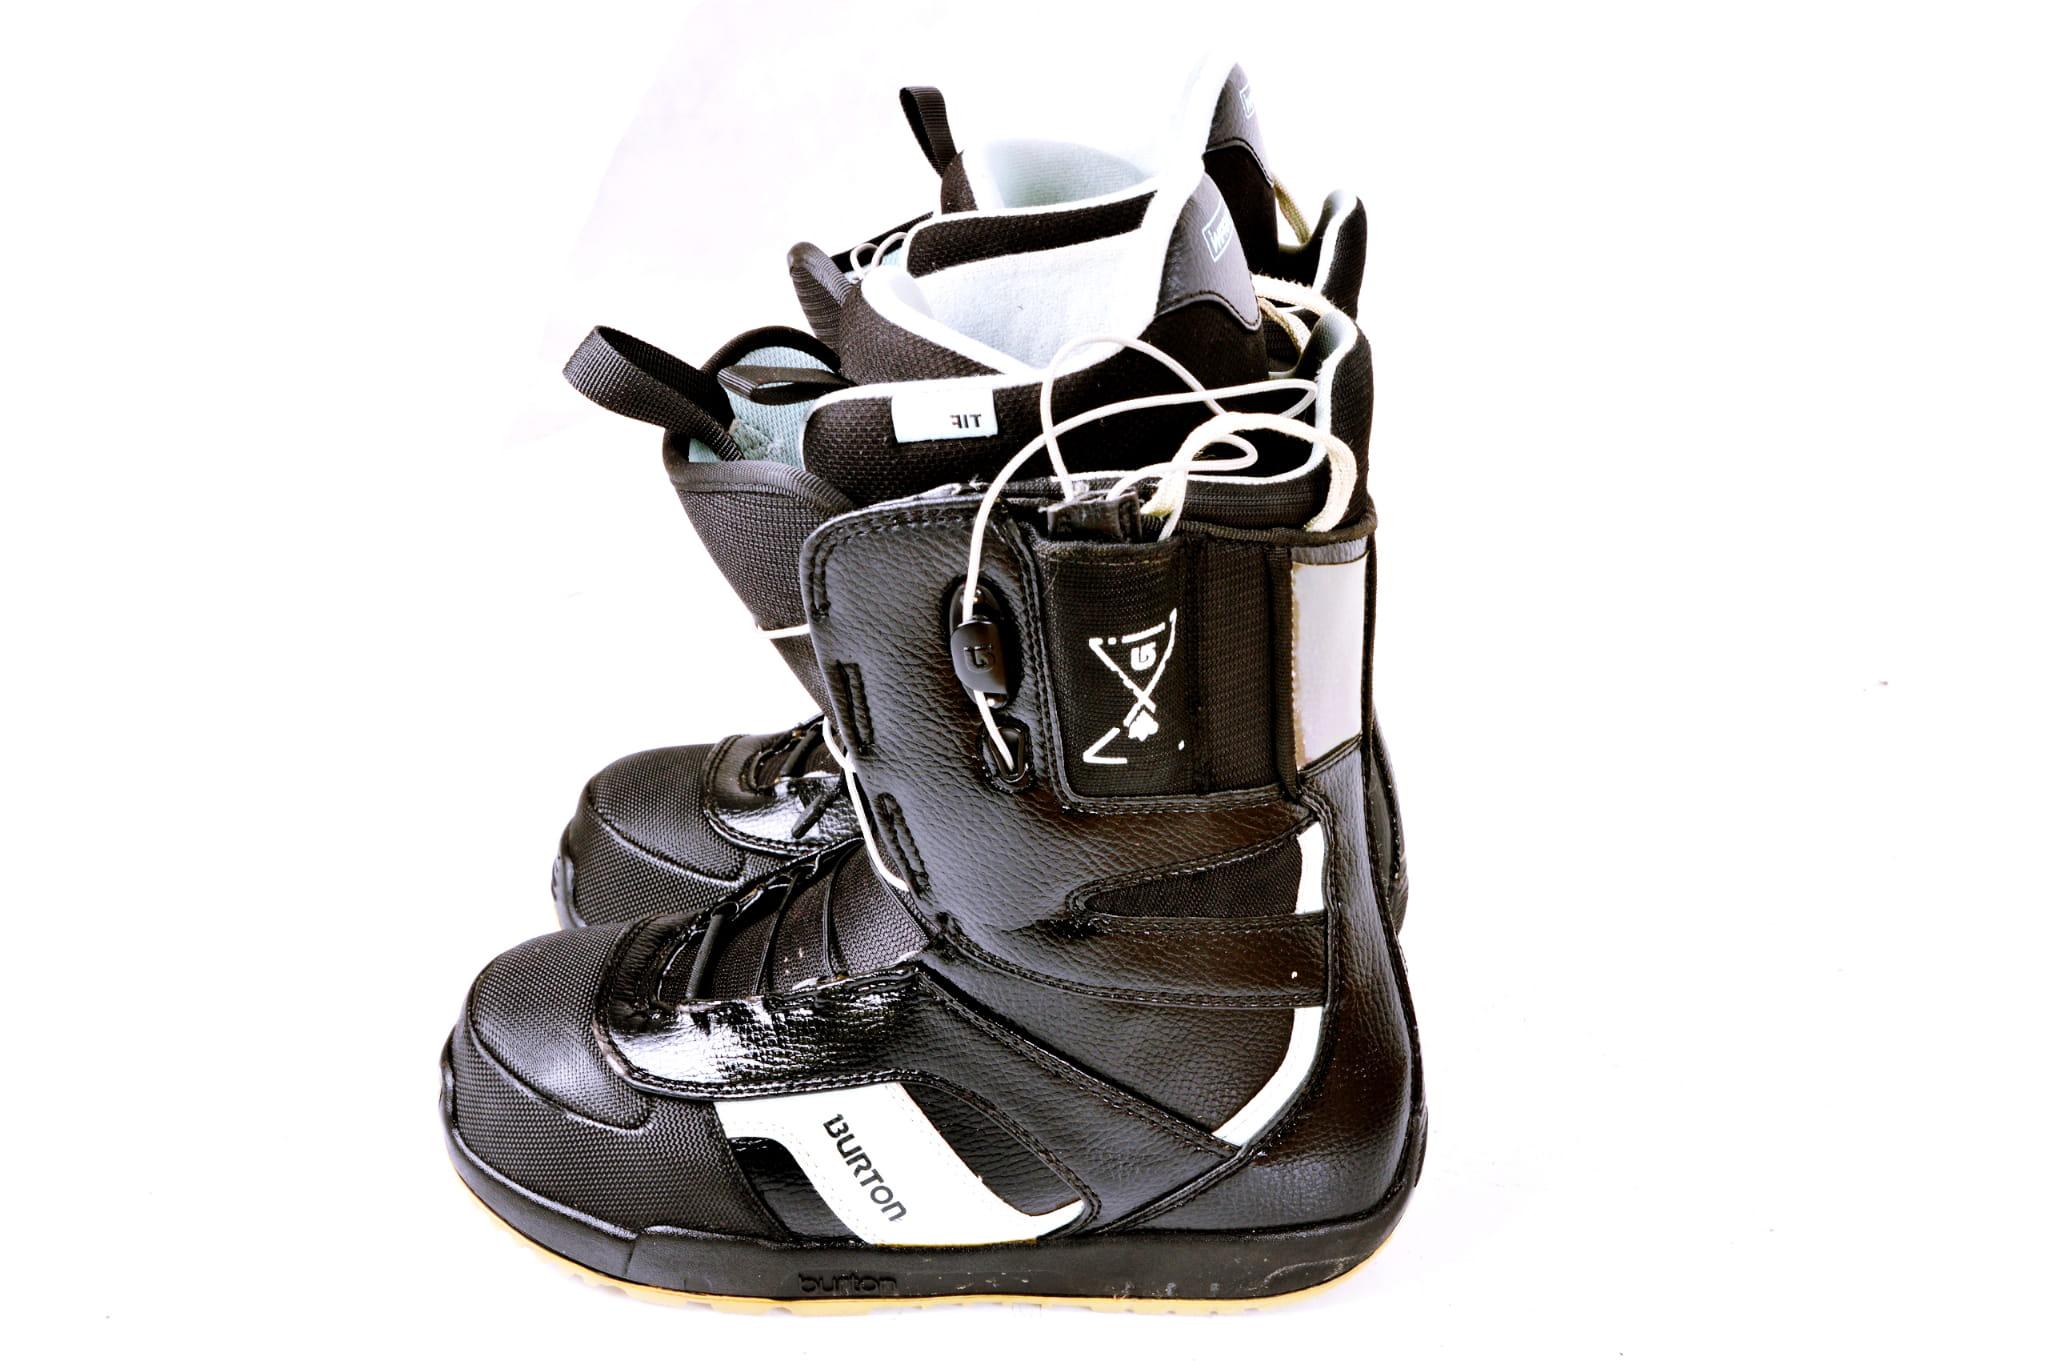 NartyRopczyce] Buty snowboardowe BURTON IMPRINT 1 r.26 (41